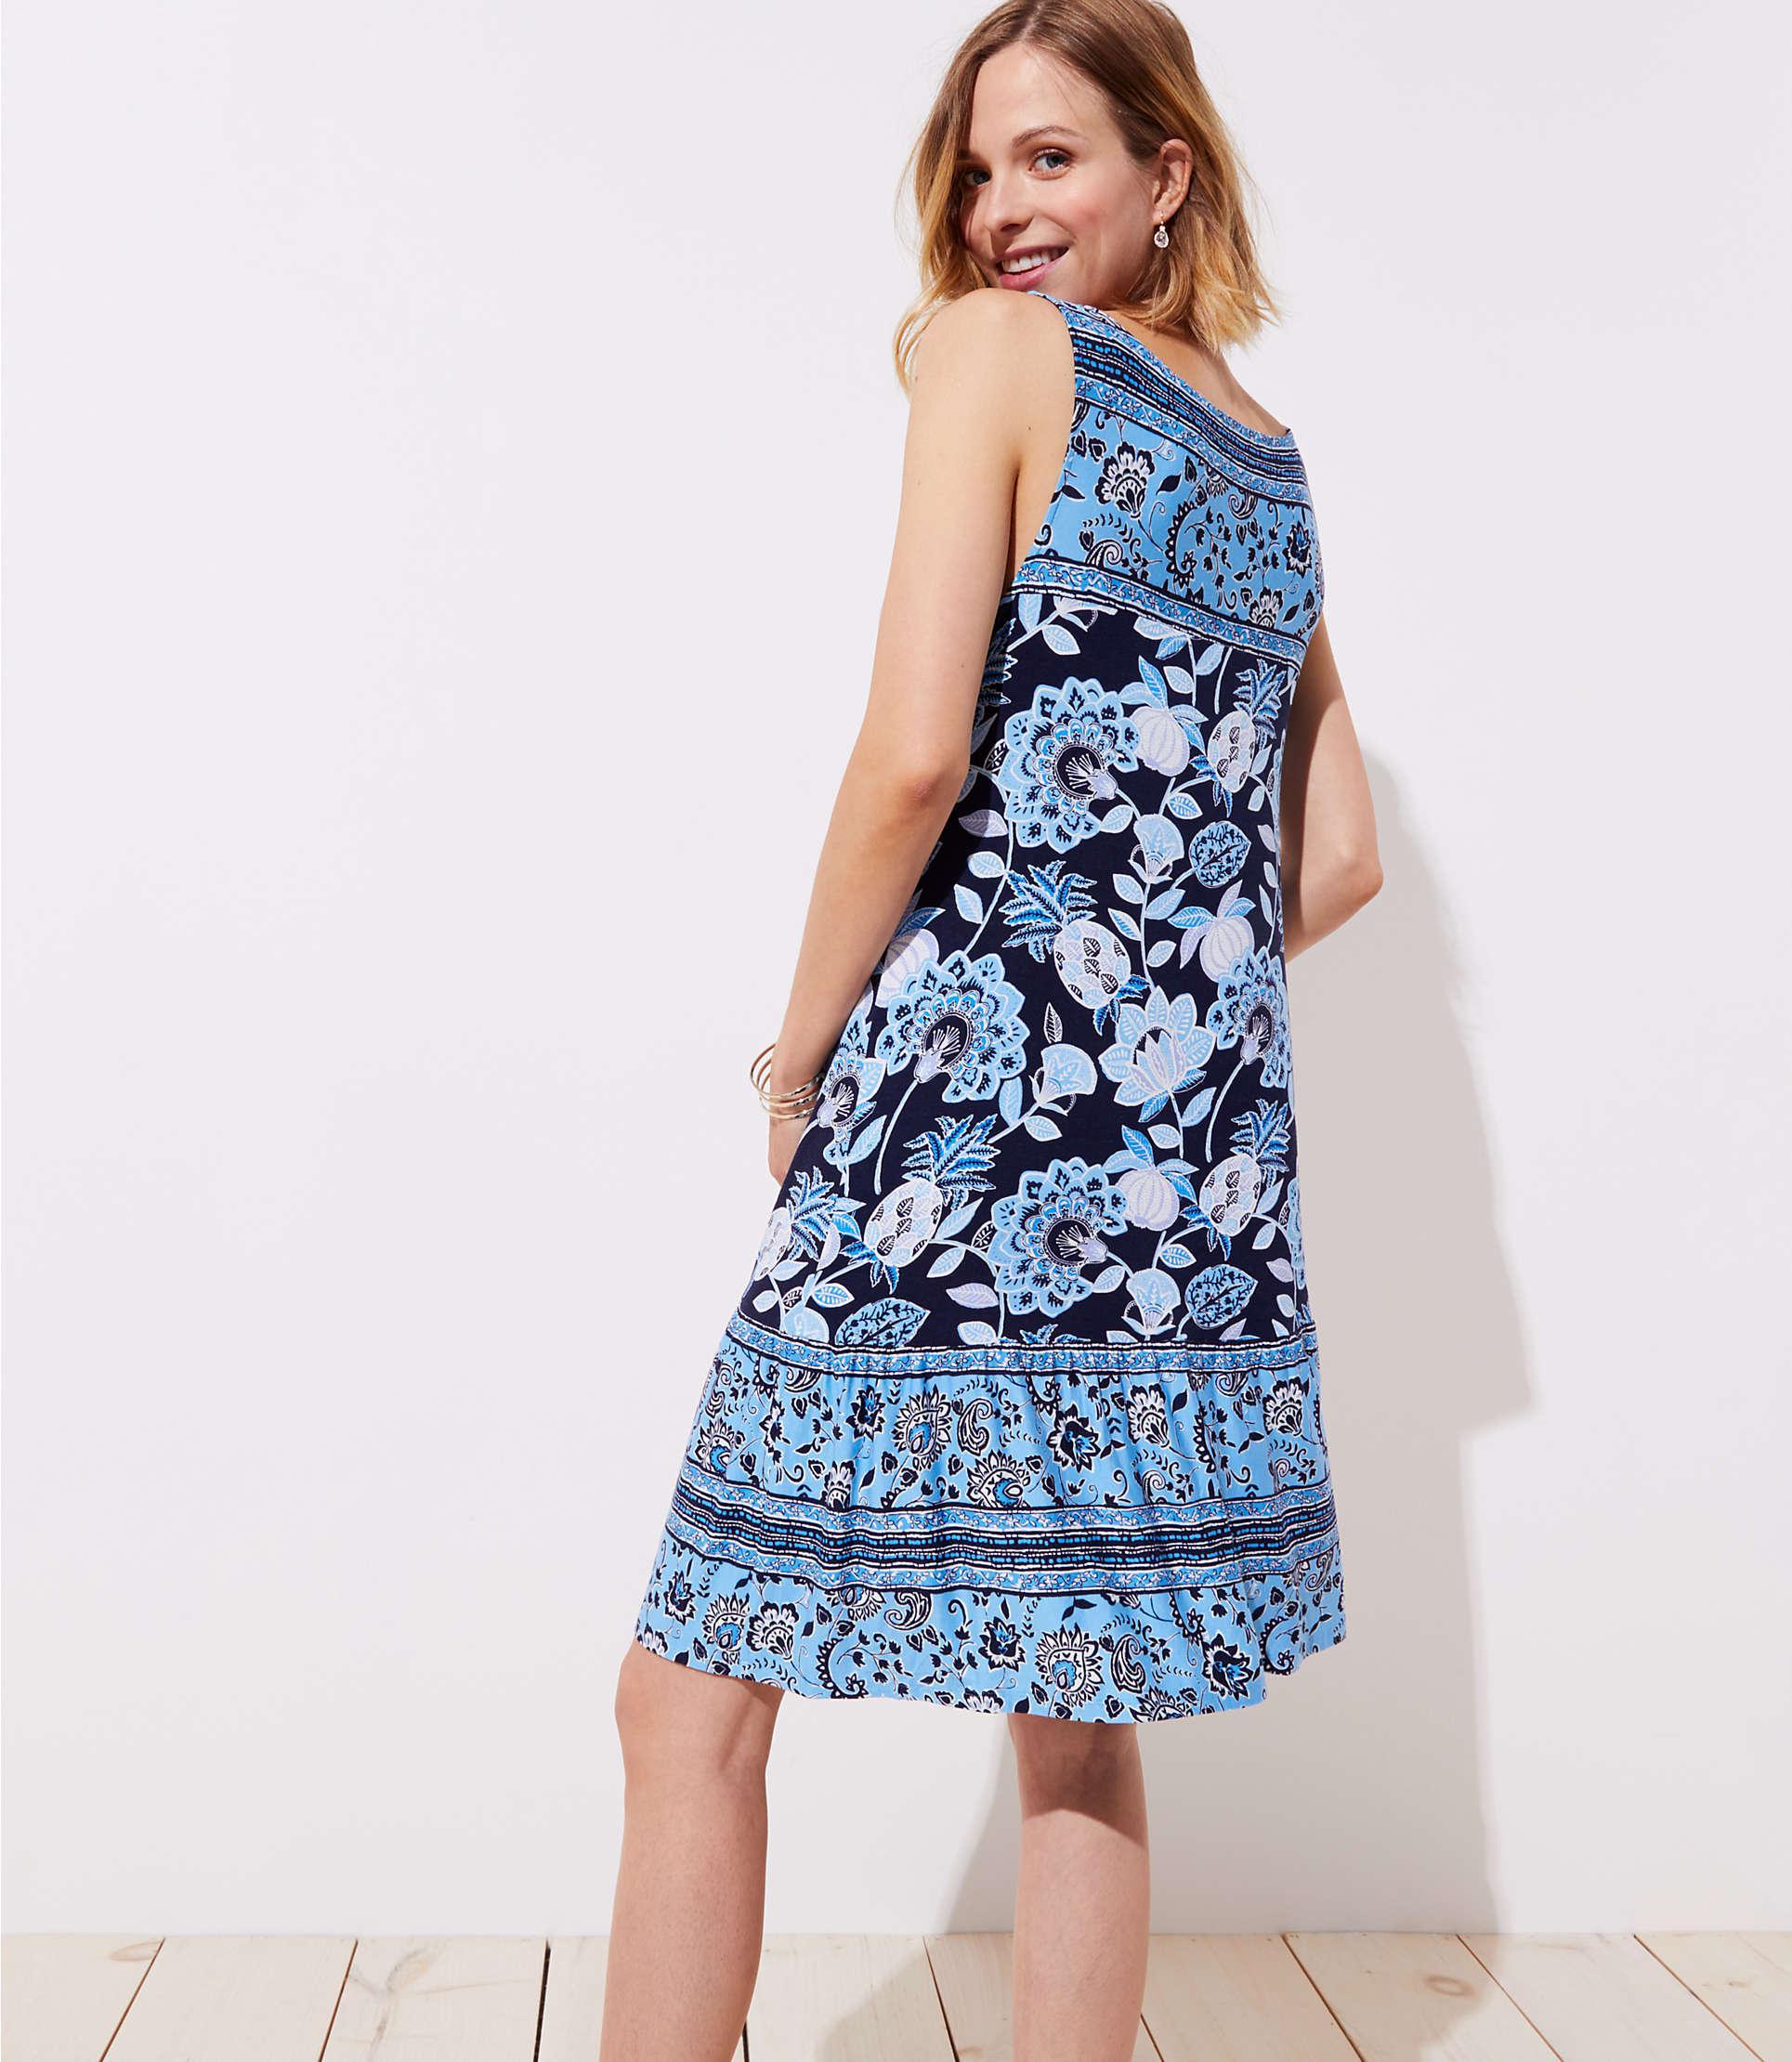 dcb33d1d03 LOFT Maternity Pineapple Dream Ruffle Sleeveless Swing Dress in Blue ...